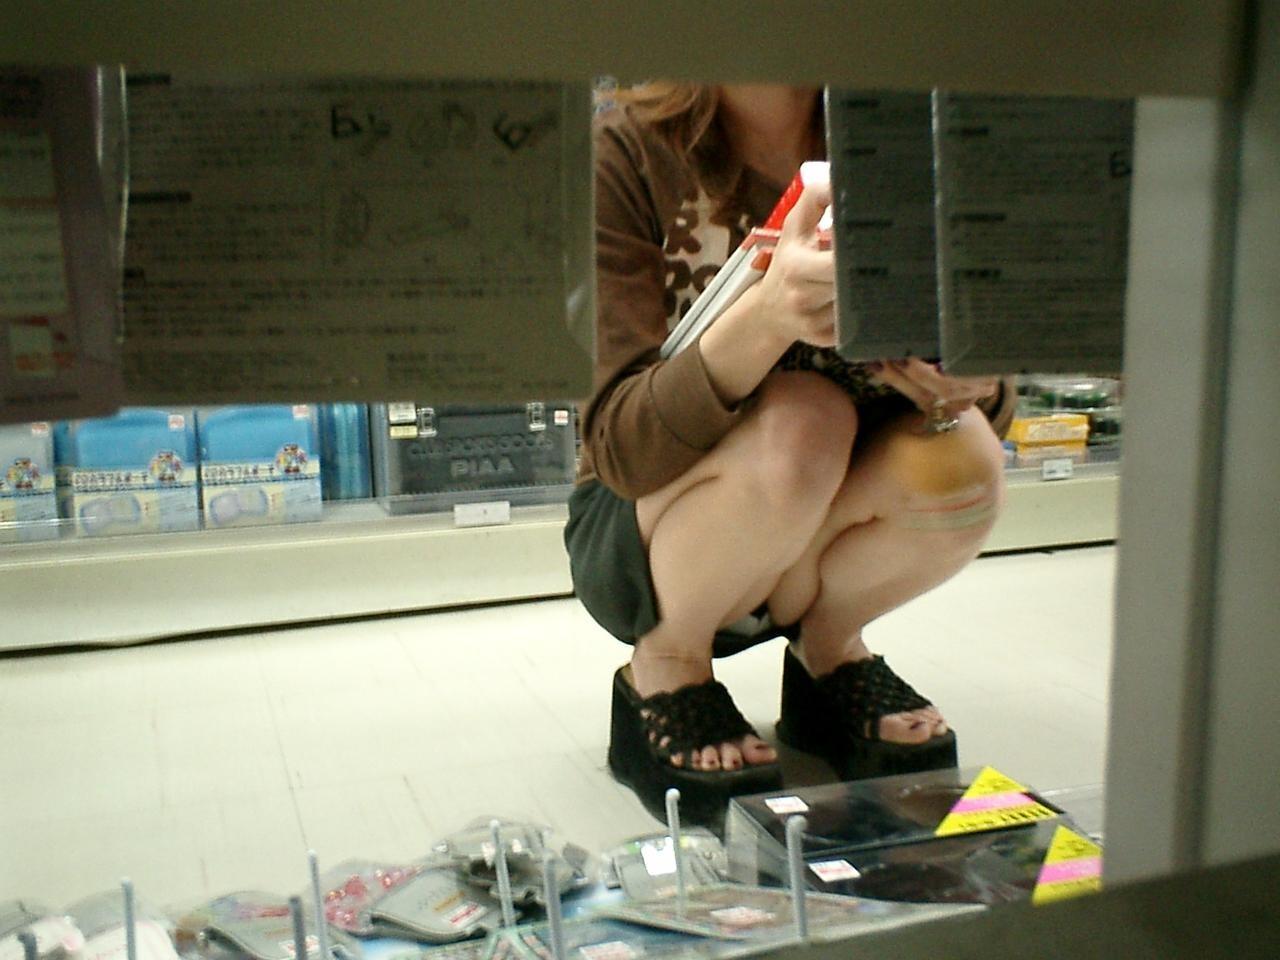 【パンチラ画像】陳列棚の向こう側から女の股間をじっくり隠撮www 05